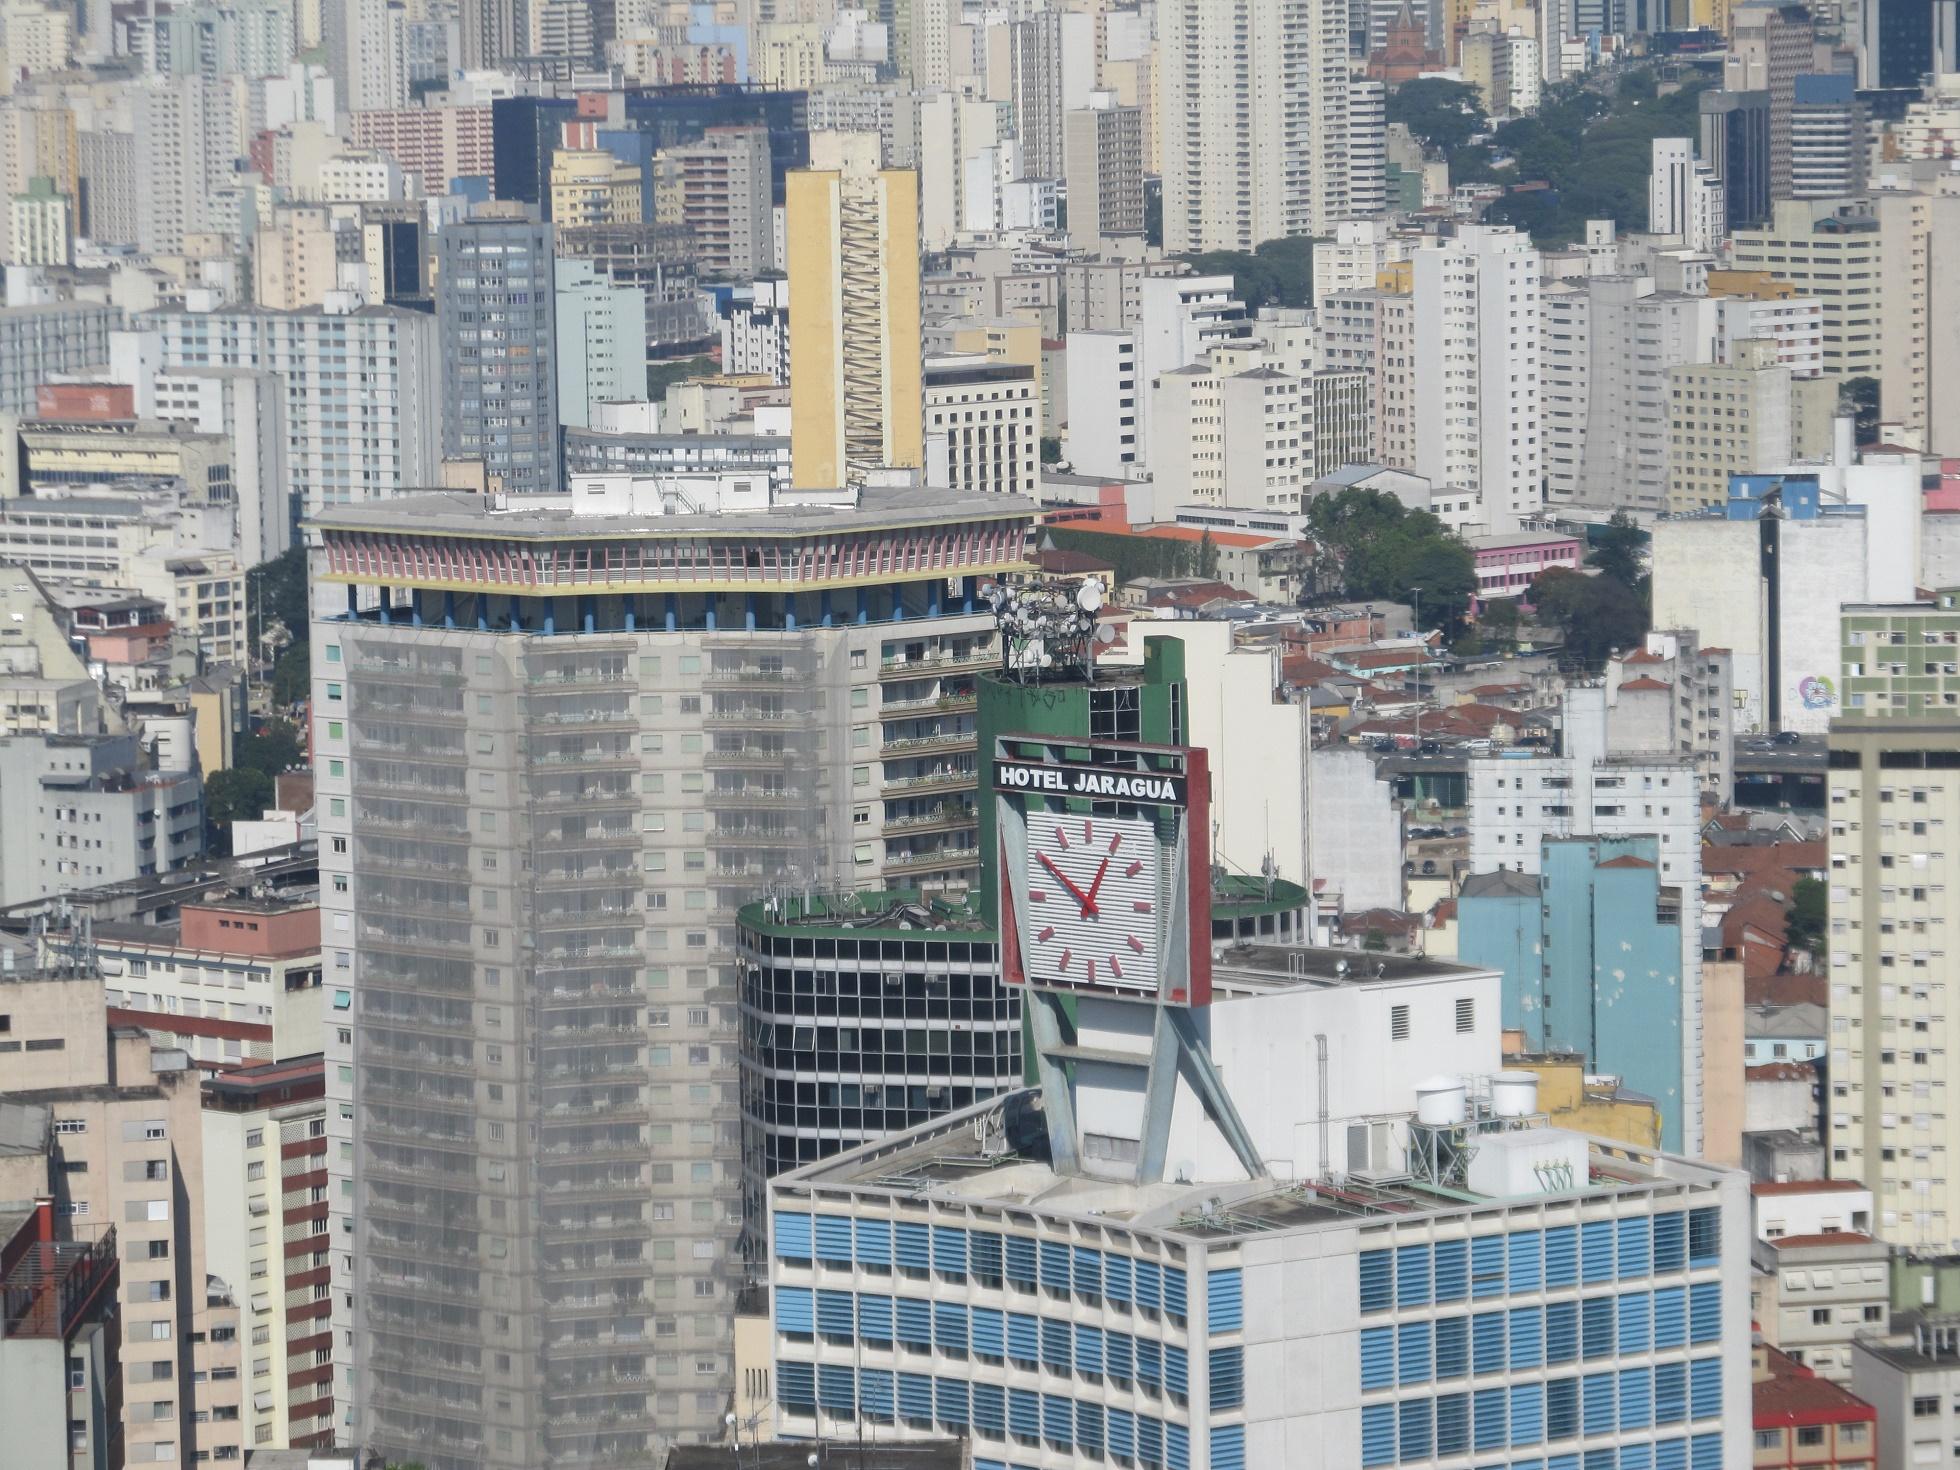 Um dos maiores aglomerados urbanos do mundo, São Paulo ficou conhecida como uma cidade cuja expansão reforçou males como a desigualdade social e a segregação espacial